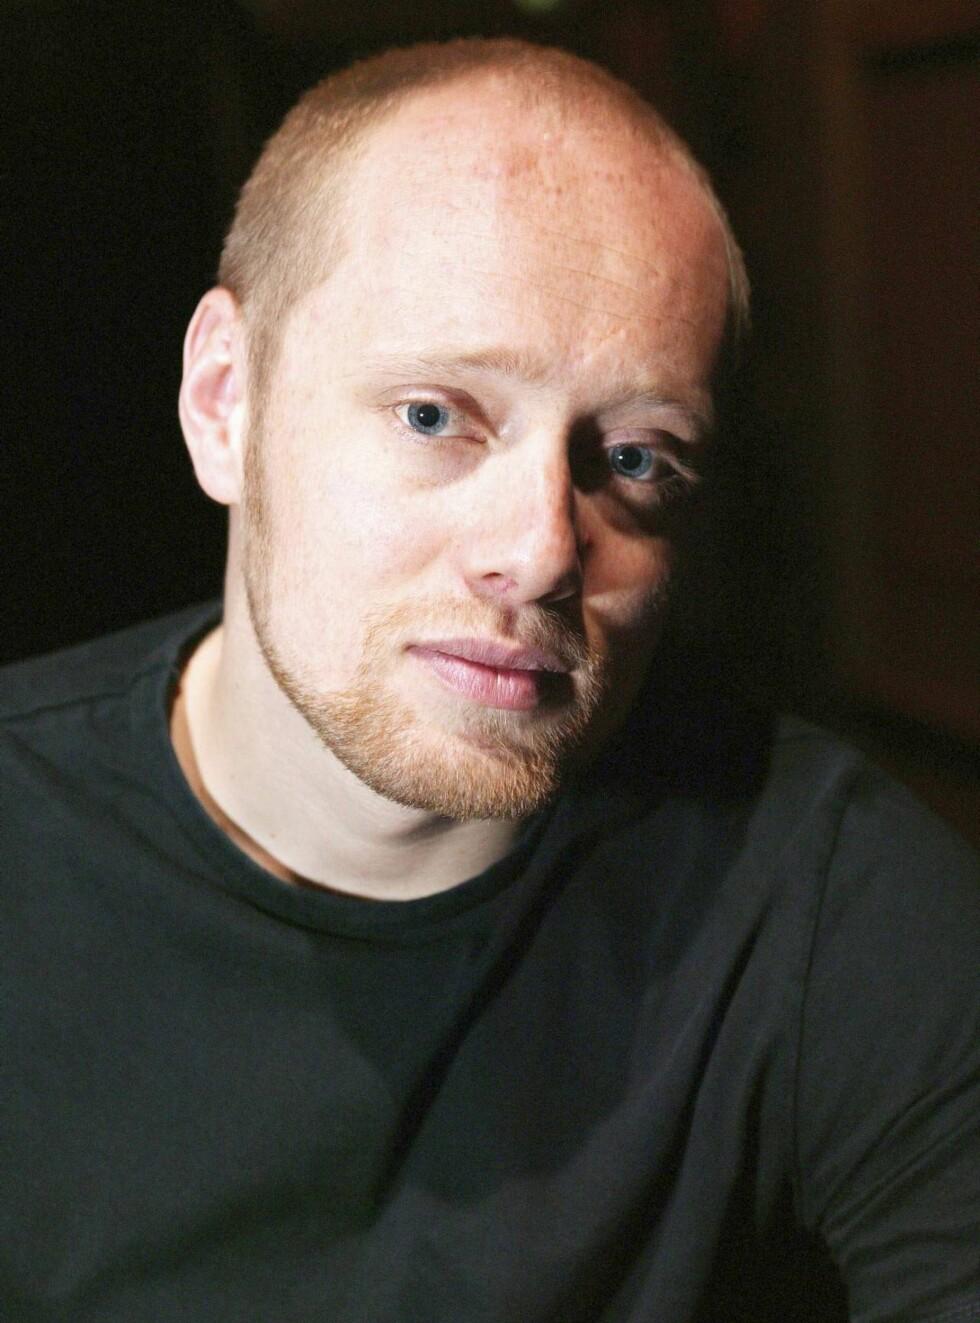 UTVIDER REPERTOARET: Nå regisserer Aksel Hennie musikkvideo. Foto: Se og Hør